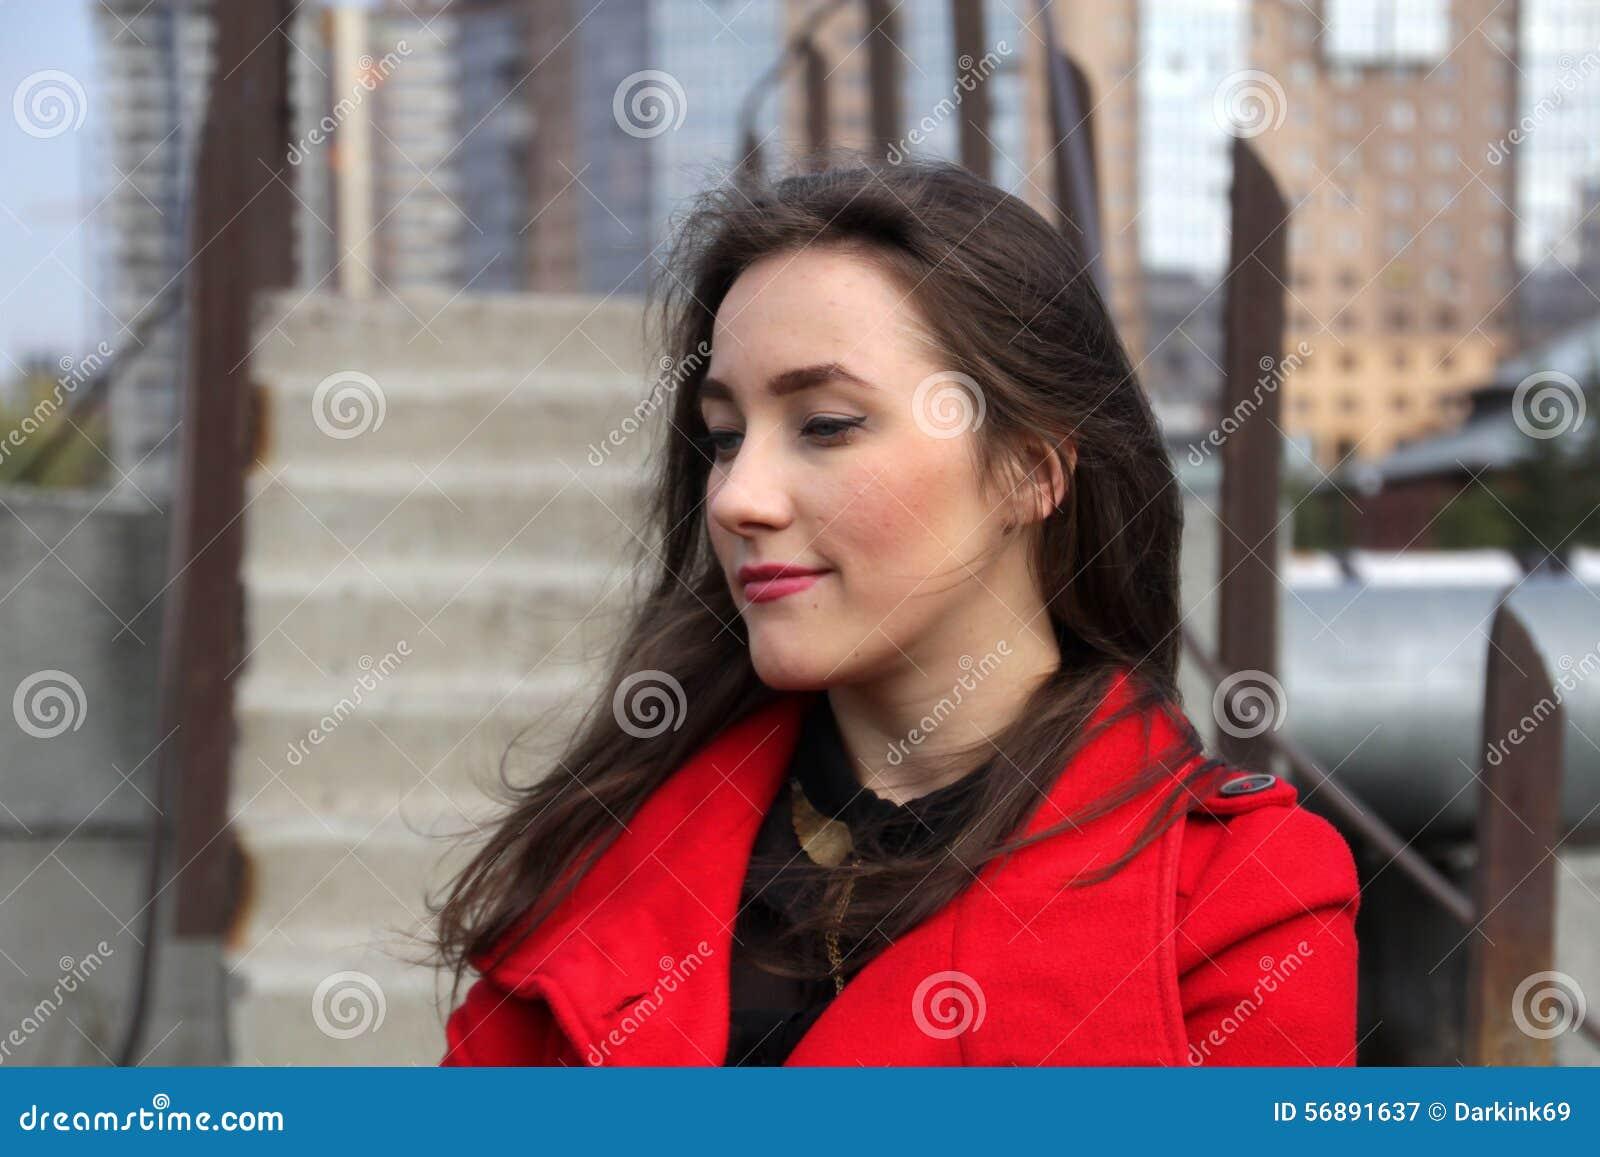 一件红色外套的美丽的女孩在台阶的背景